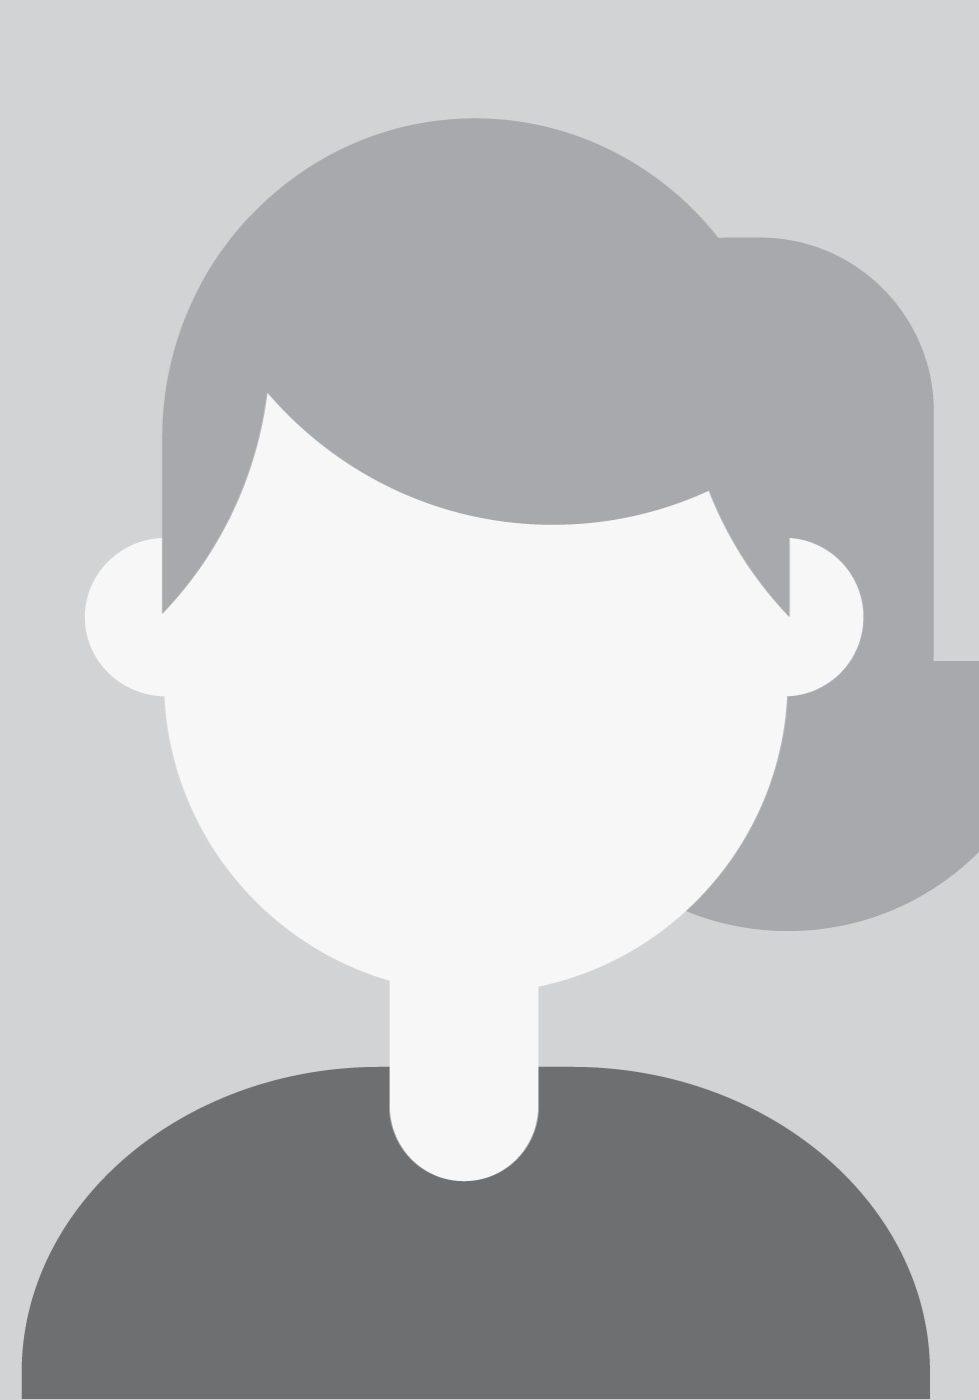 user_profile_female